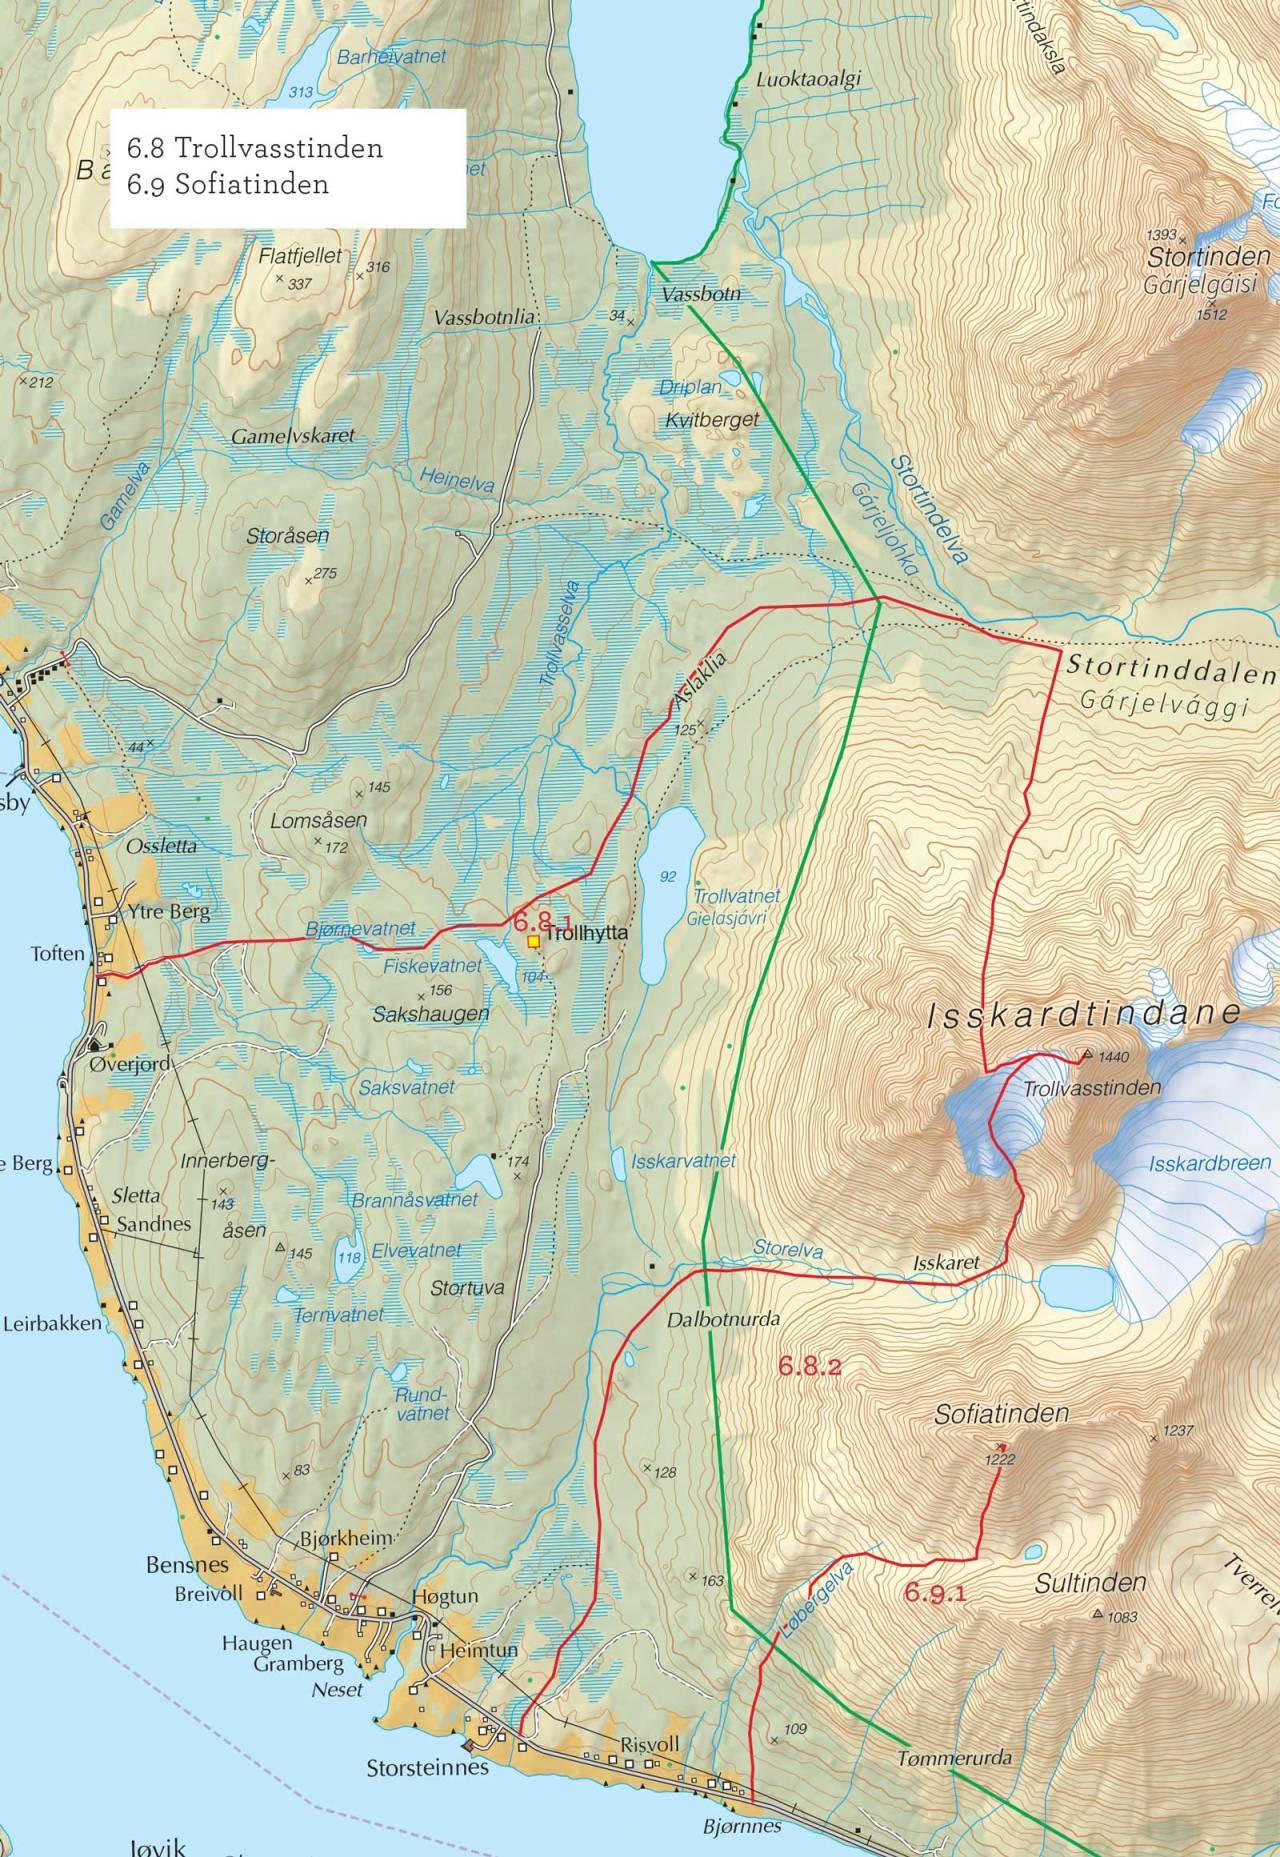 Oversiktskart over Trollvasstinden med inntegnet rute. Fra Toppturer i Troms.